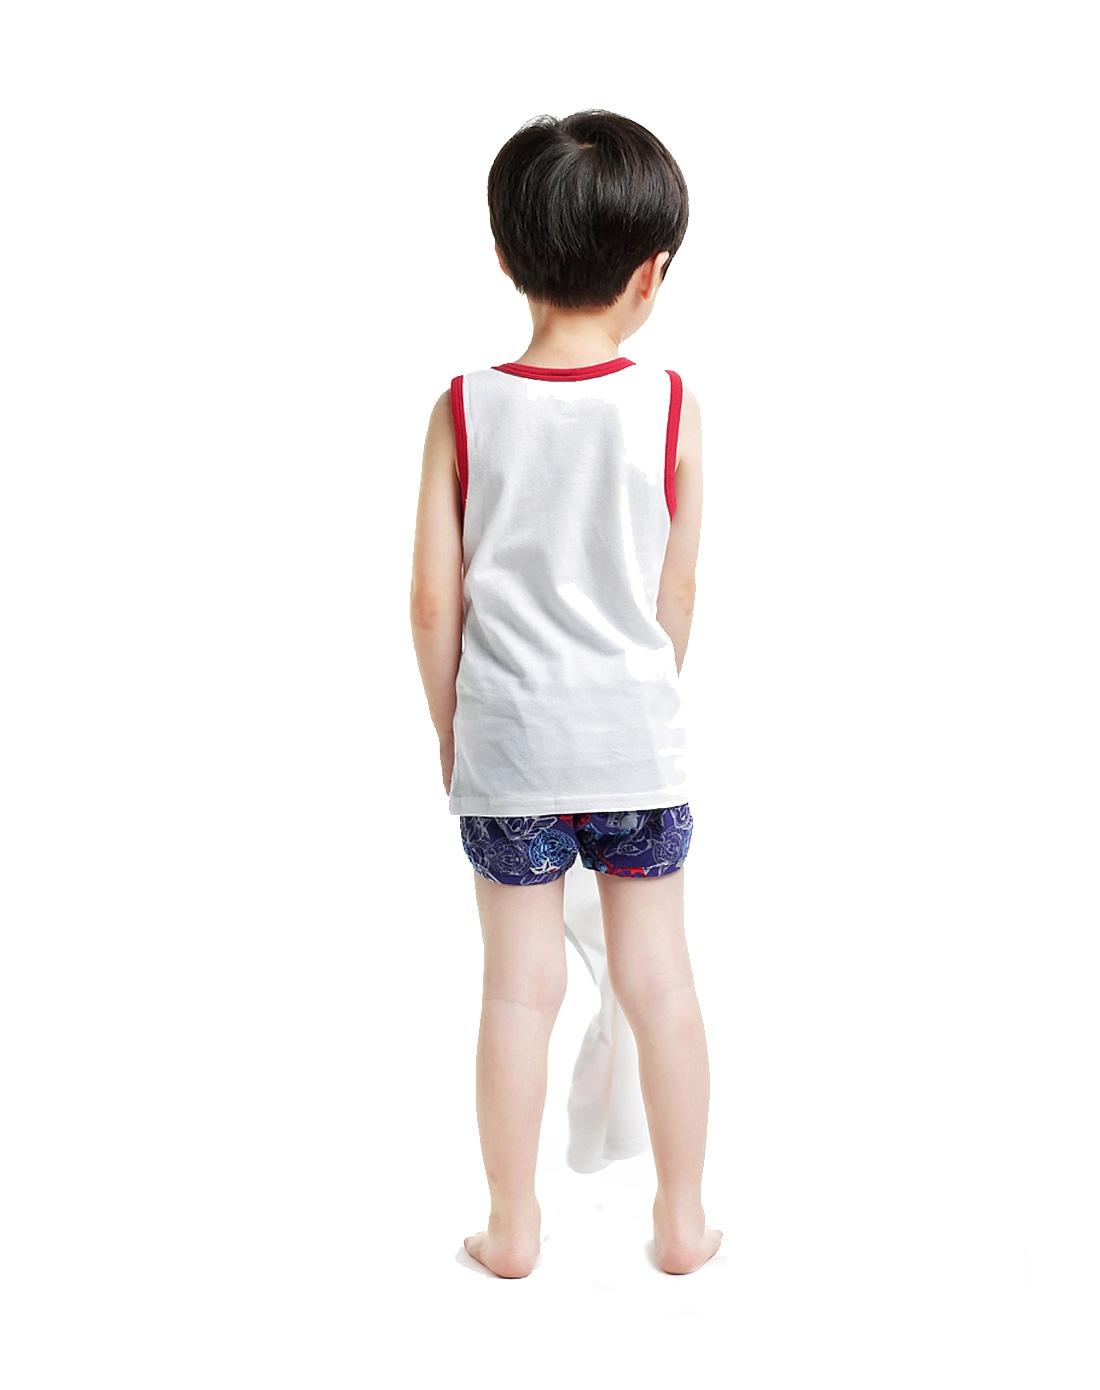 三枪迪士尼disney儿童家居内衣专场男童白色弹力网